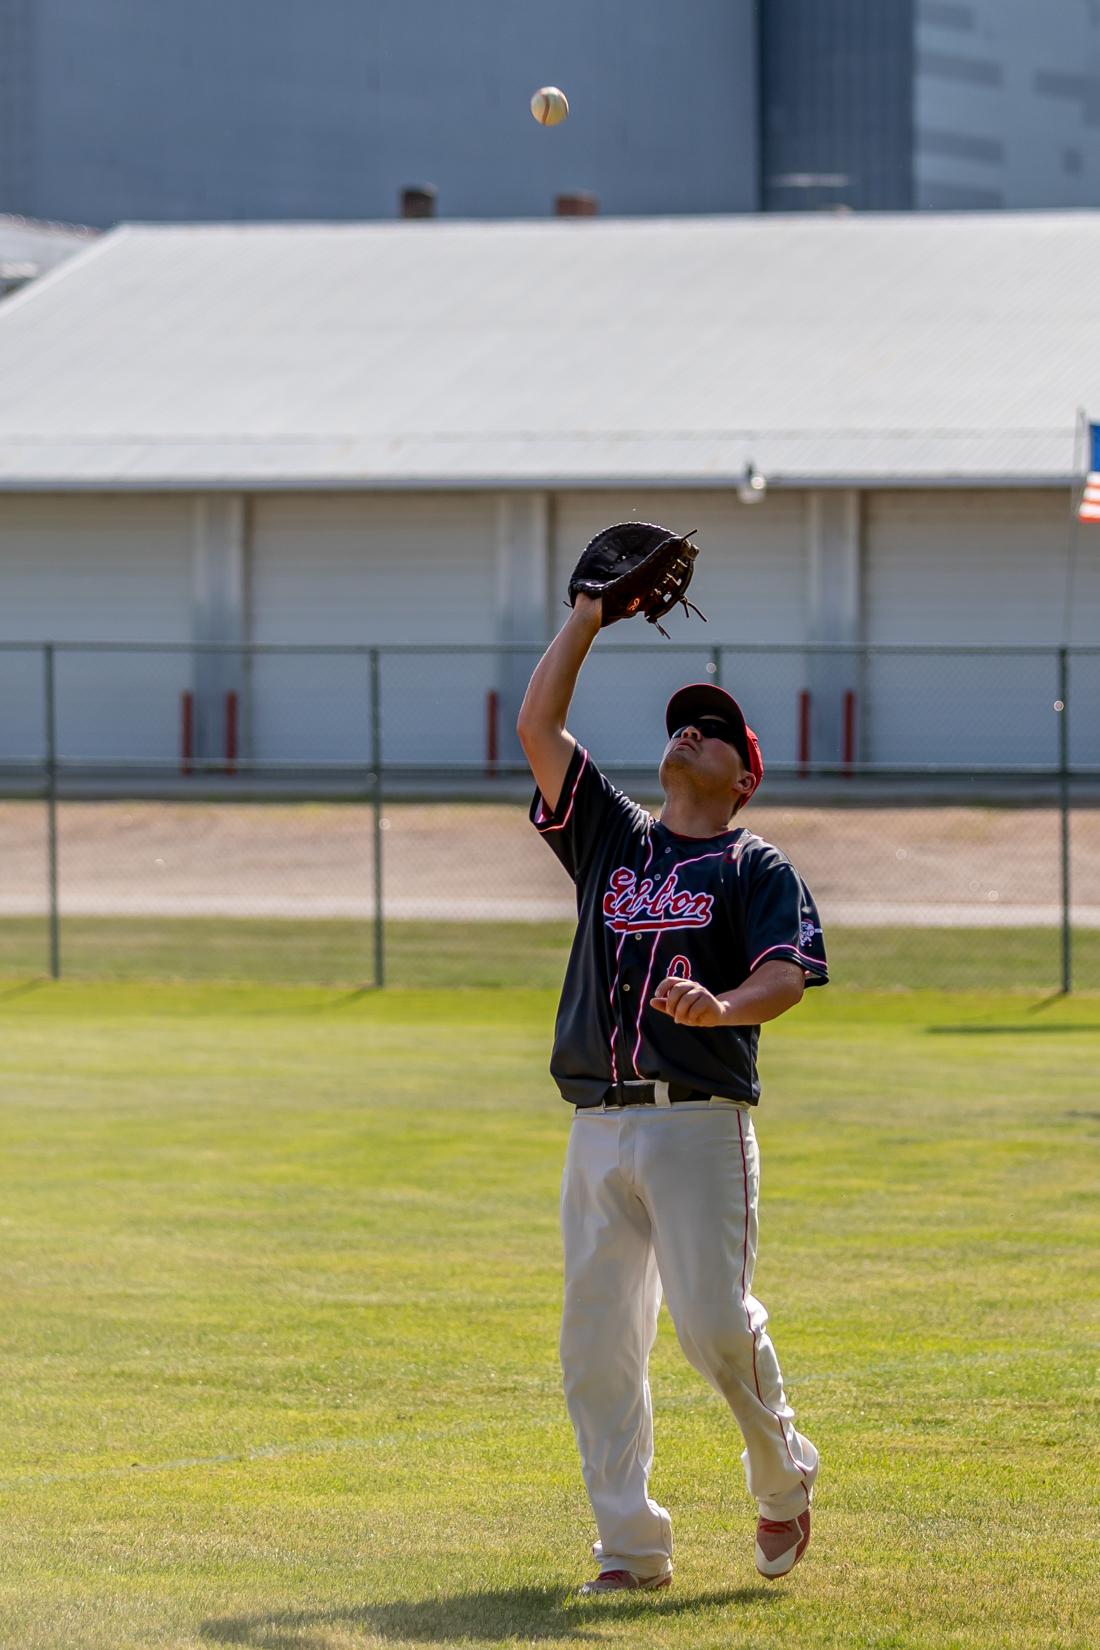 First baseman Kyle Maurer catches a pop-fly.